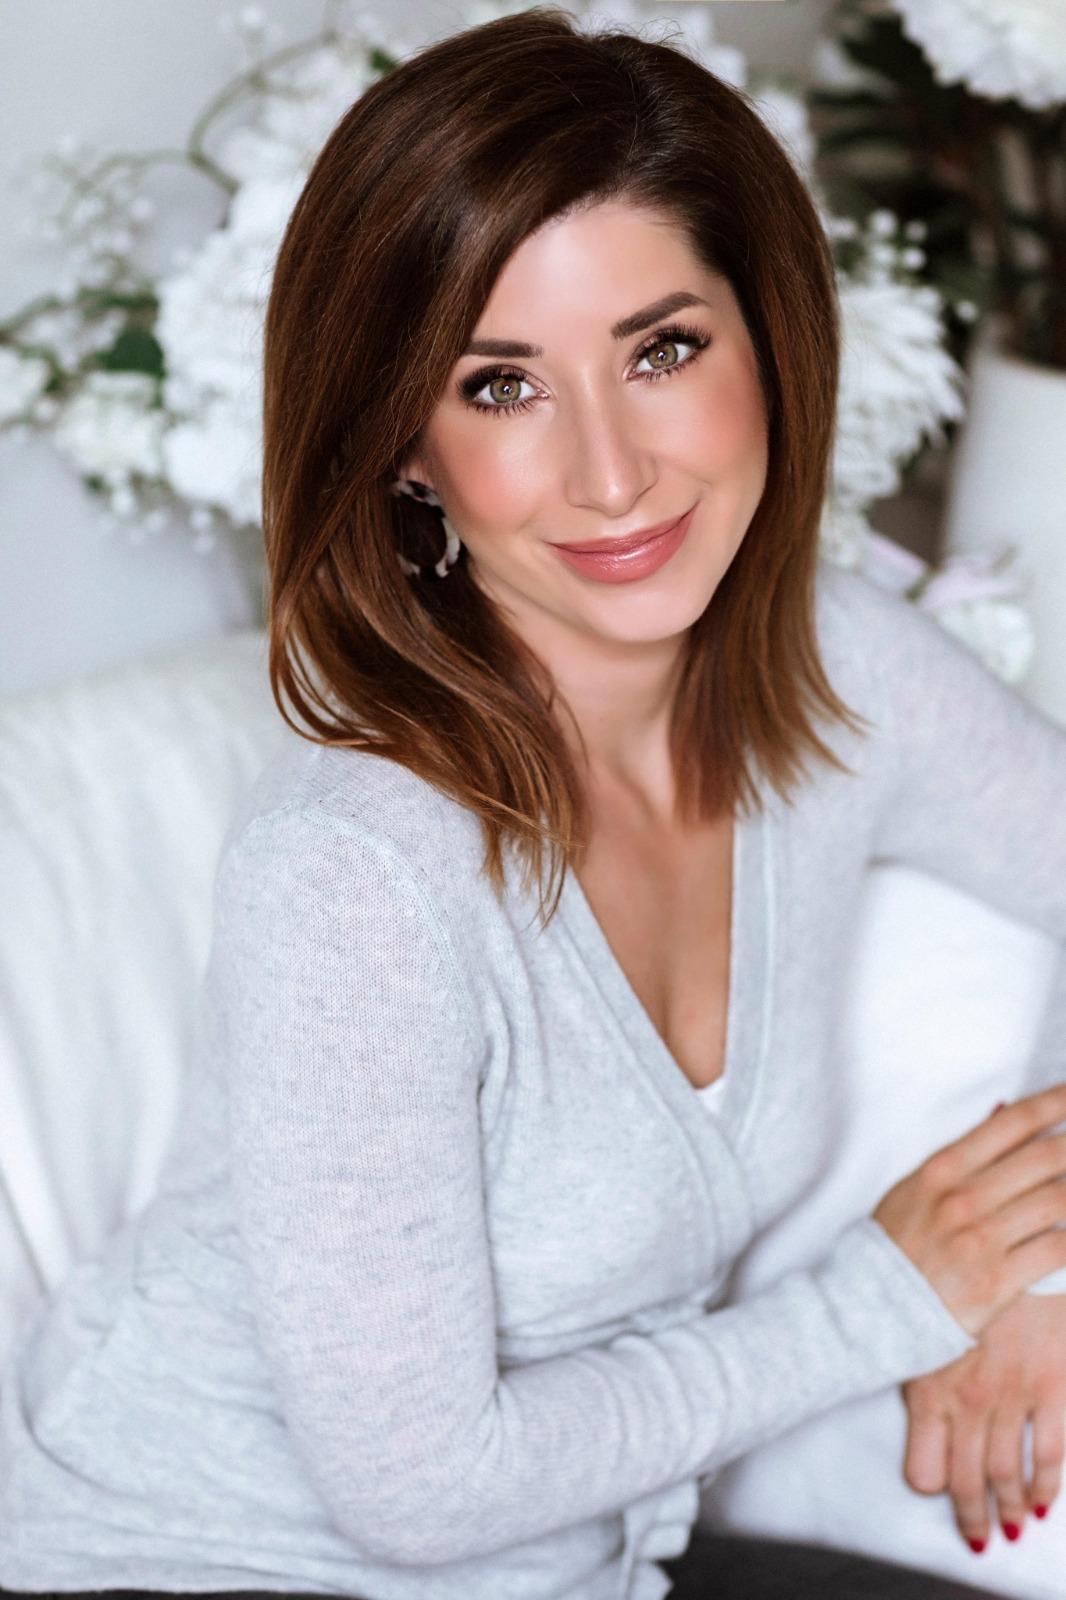 Zoe Scaman